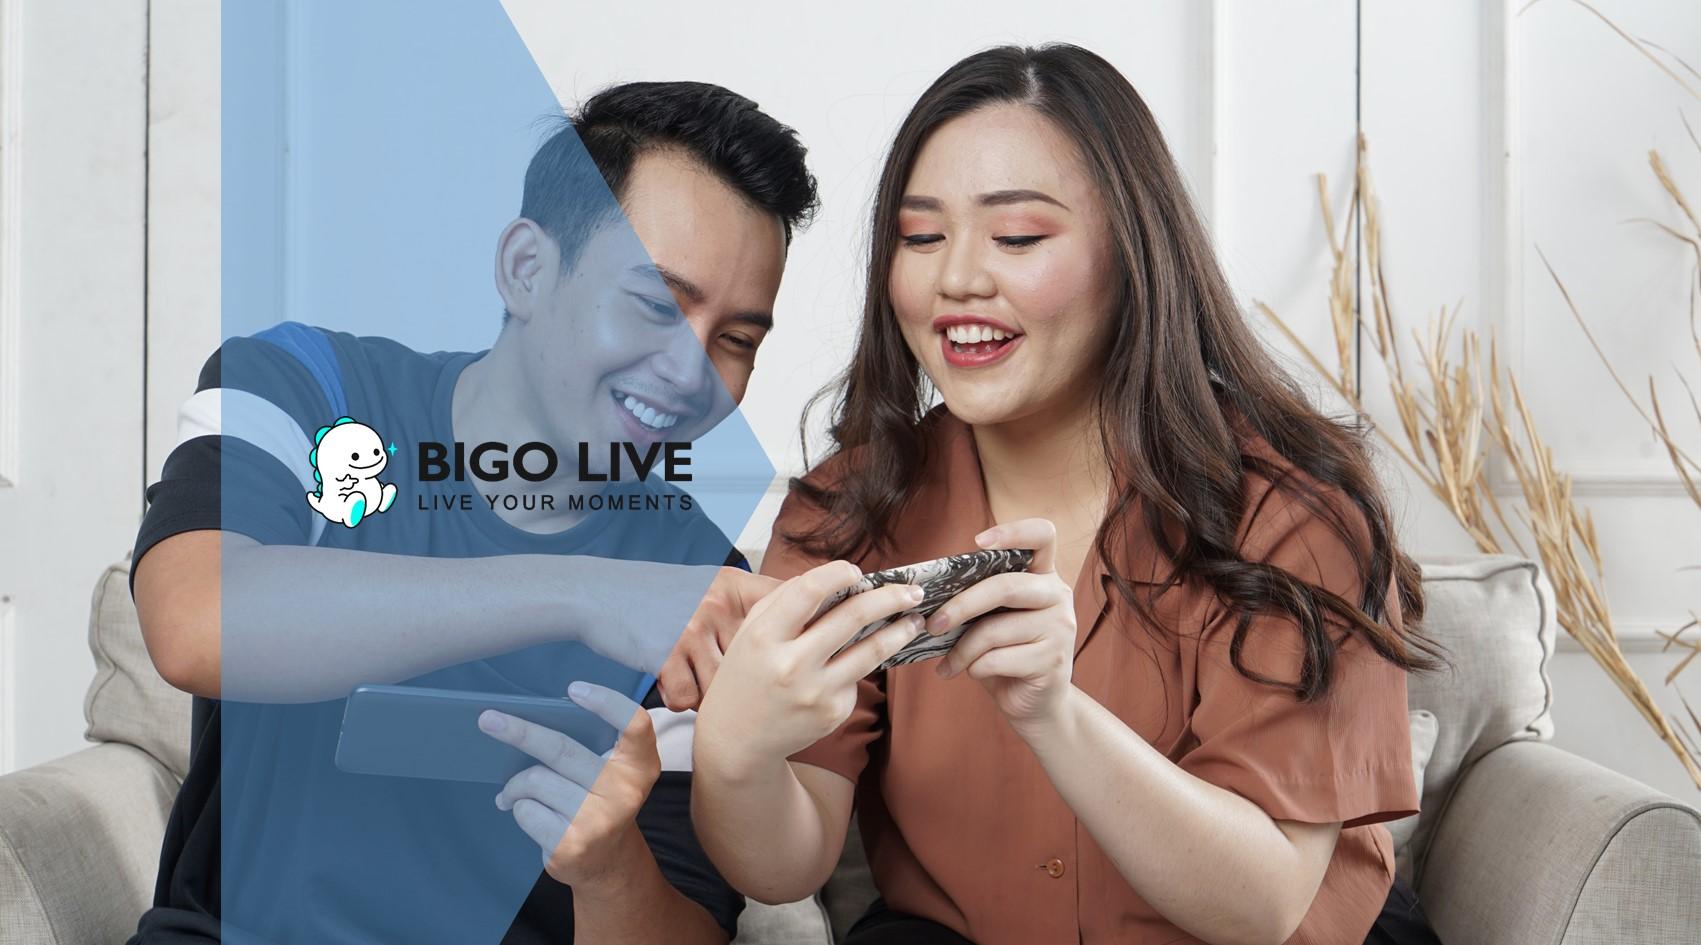 BIGO LIVE GAME